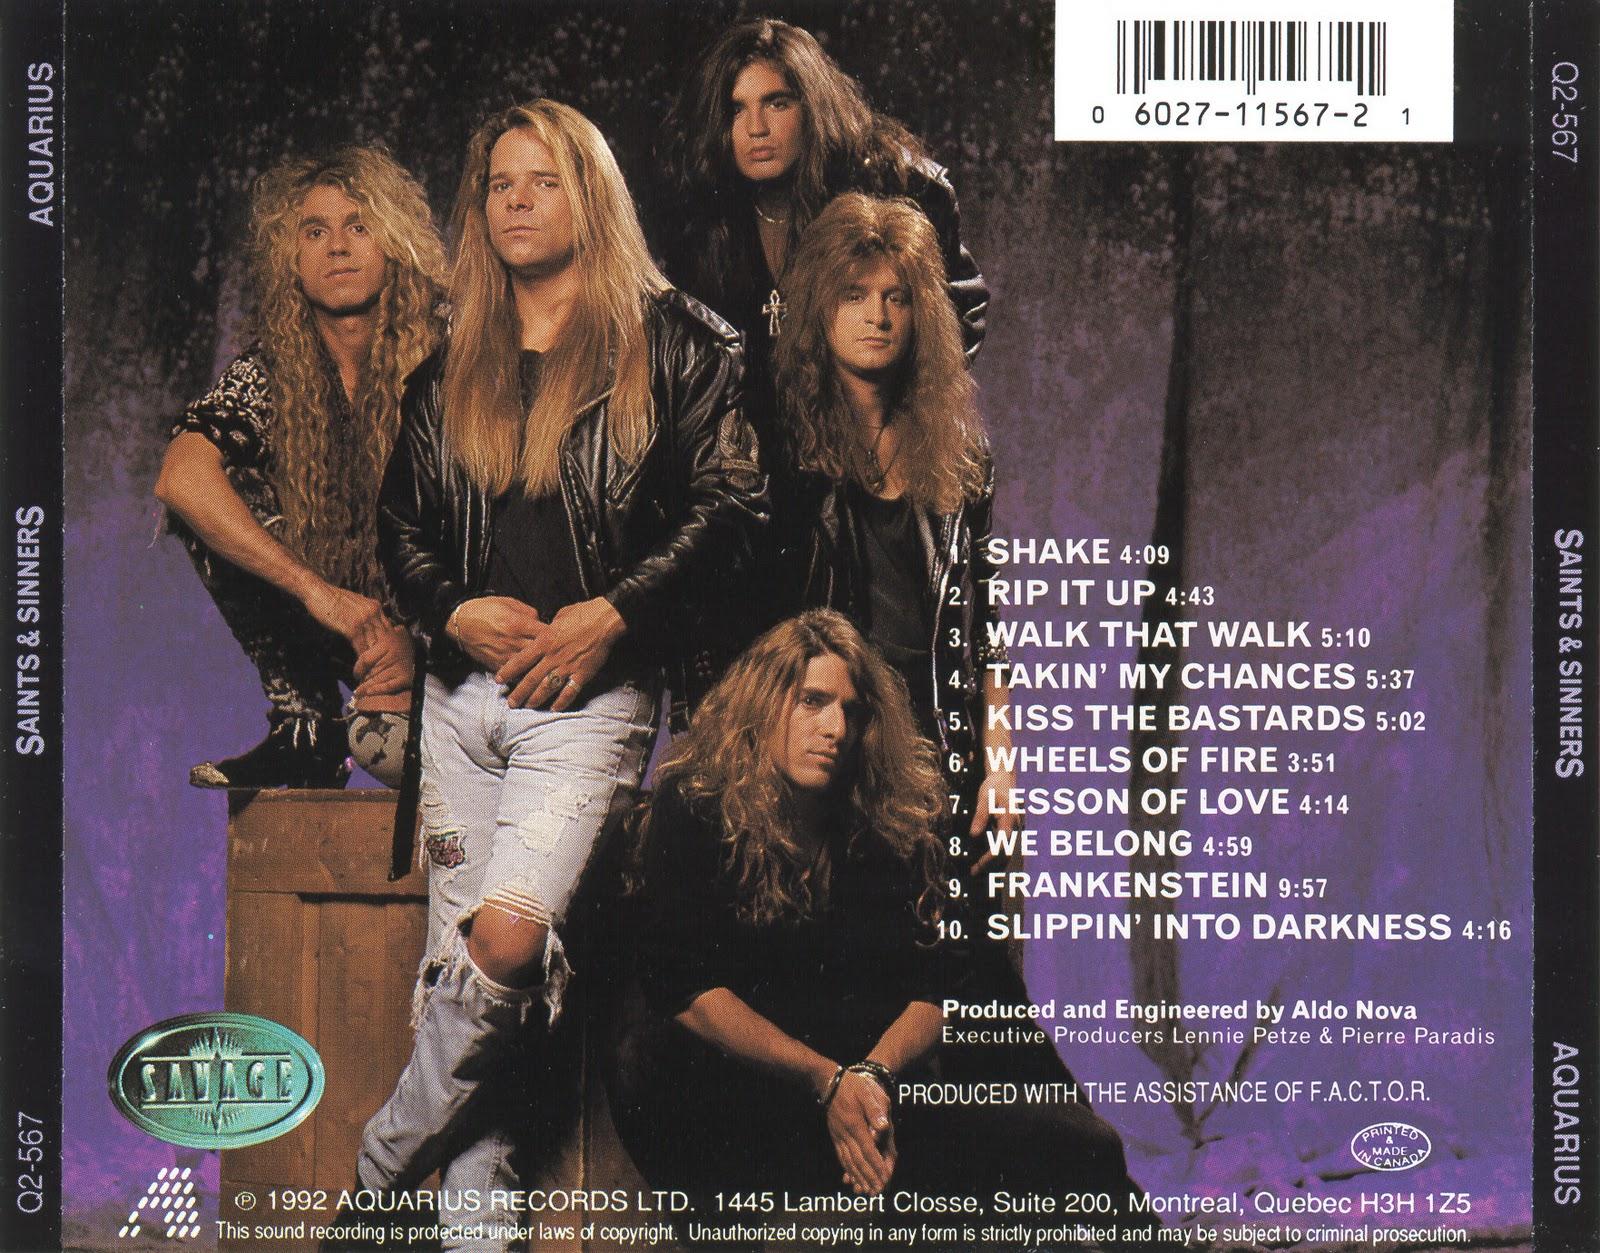 http://2.bp.blogspot.com/-26Kll6r1yHU/TyQbFBH-wkI/AAAAAAAADLU/ewXNu1jw858/s1600/Saints+&+Sinners+(back)+1992+by+Di+Sant.jpg